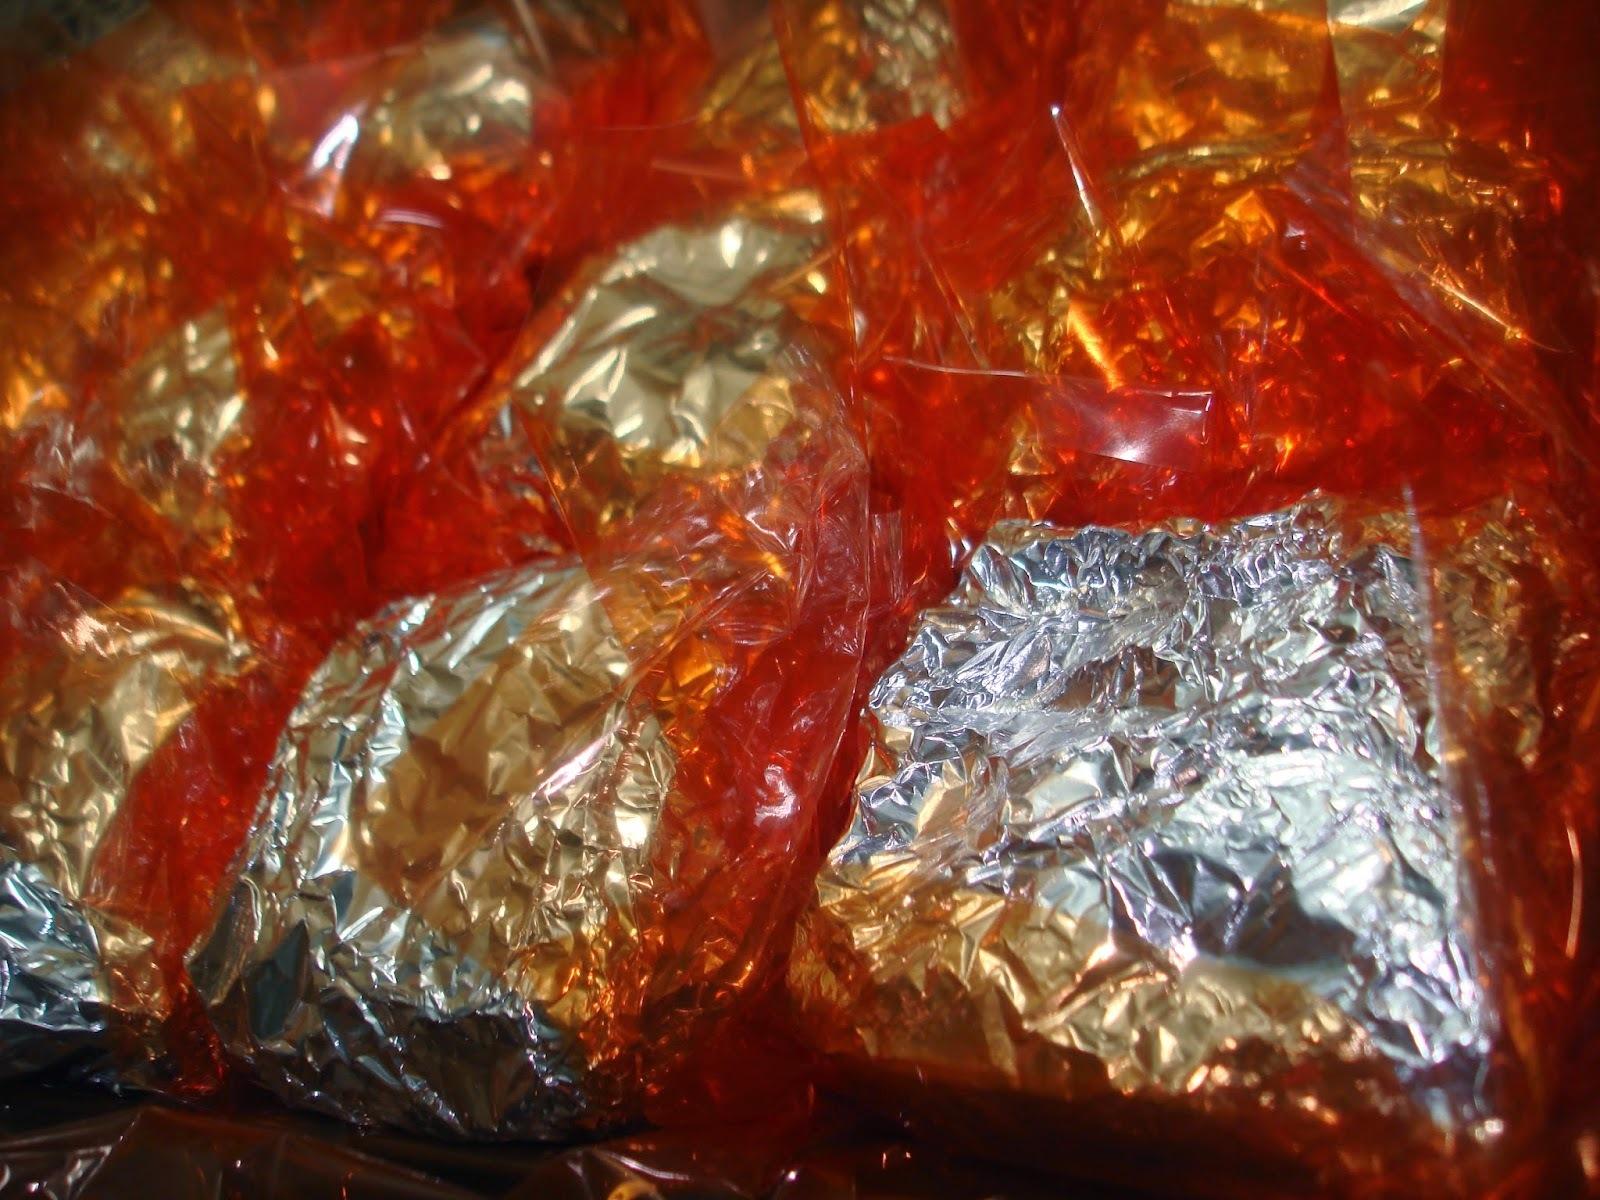 Bolinho de coco em porções individuais: embrulhados no papel alumínio ou em forminhas.